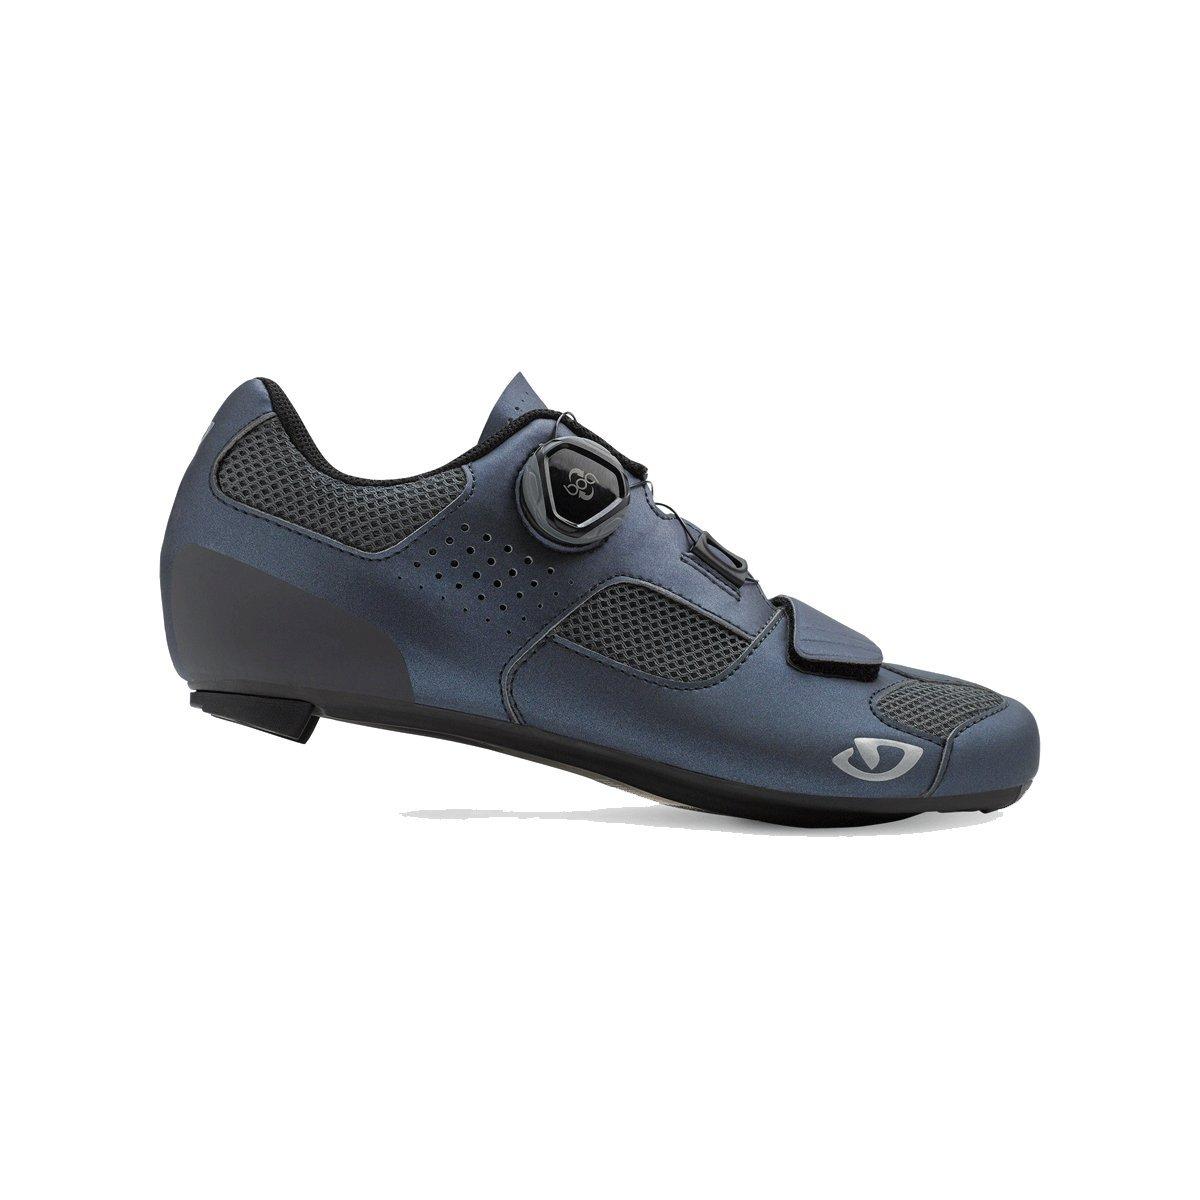 Womens Giro Espada Boa Cycling Shoes